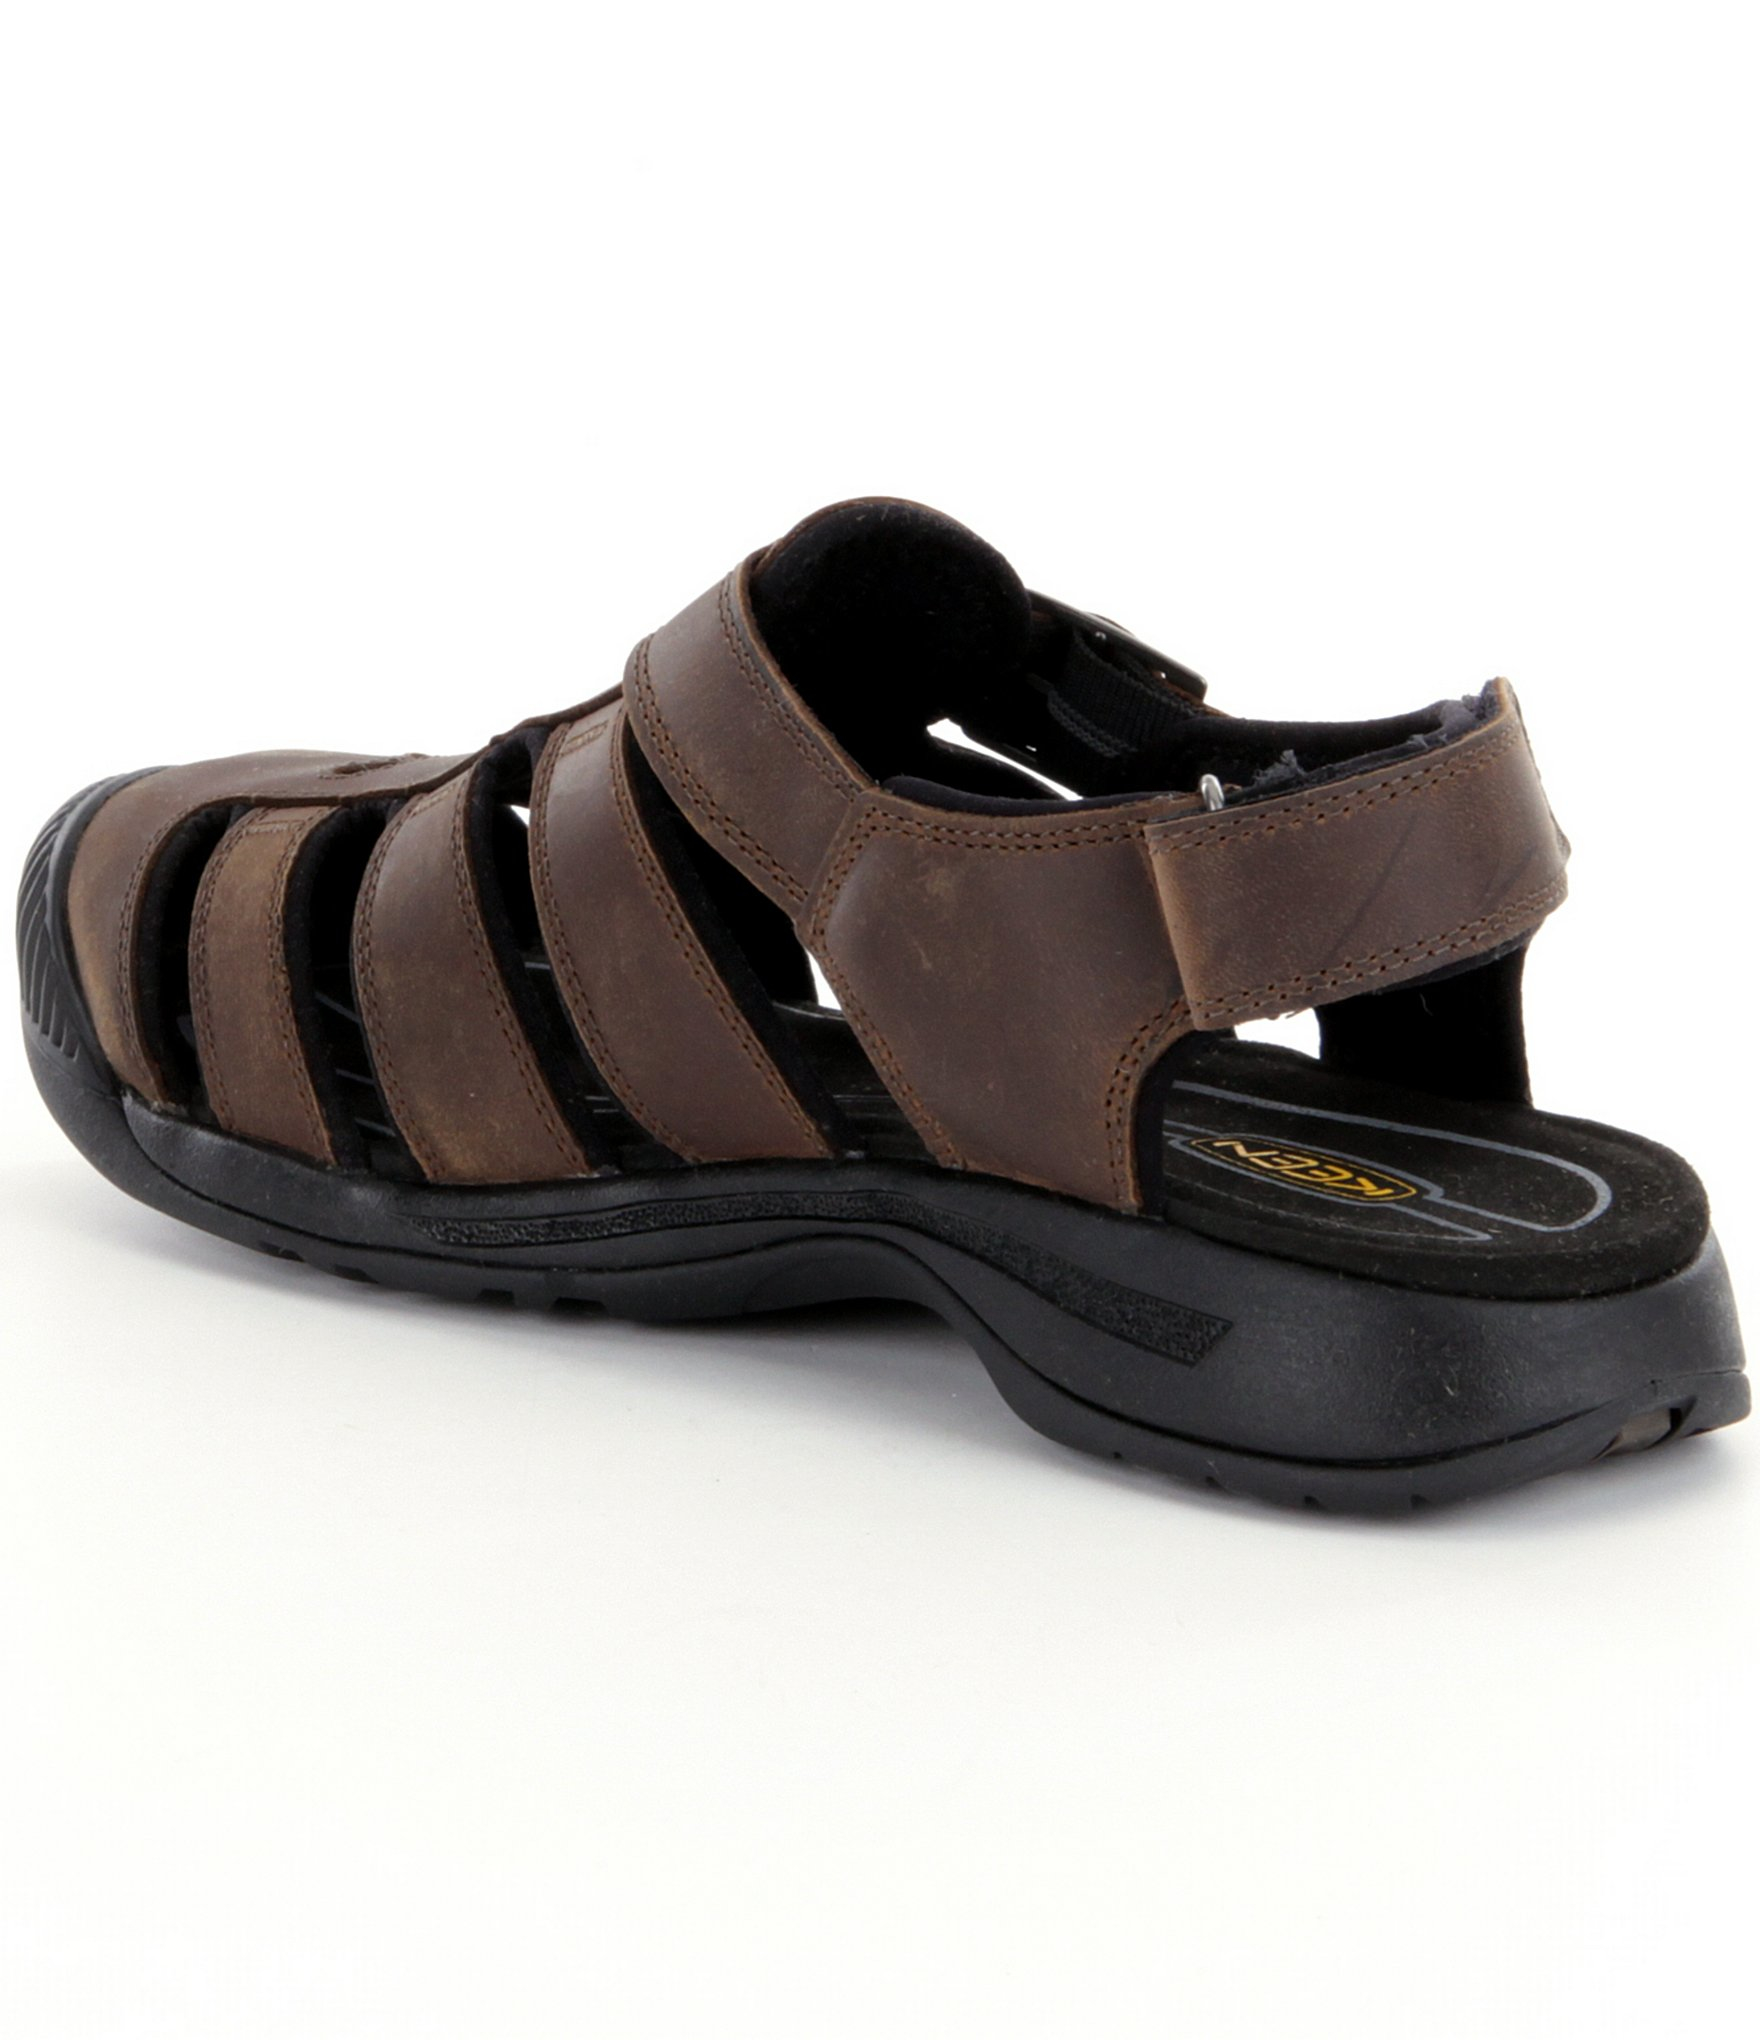 Keen Shoes Nordstrom Rack